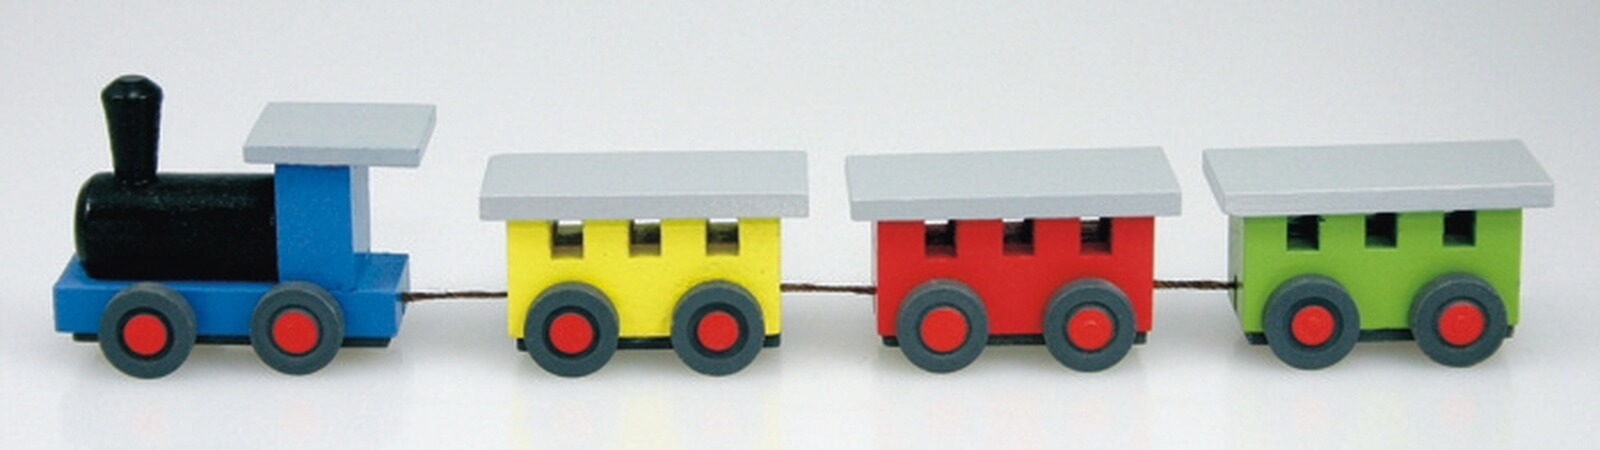 Mini - Holzeisenbahn bunt vonStephan Kaden holz.kunst Seiffen/Erzgebirge. Die blaue Lok gibt den Antrieb und transportiert den gelben, roten und …